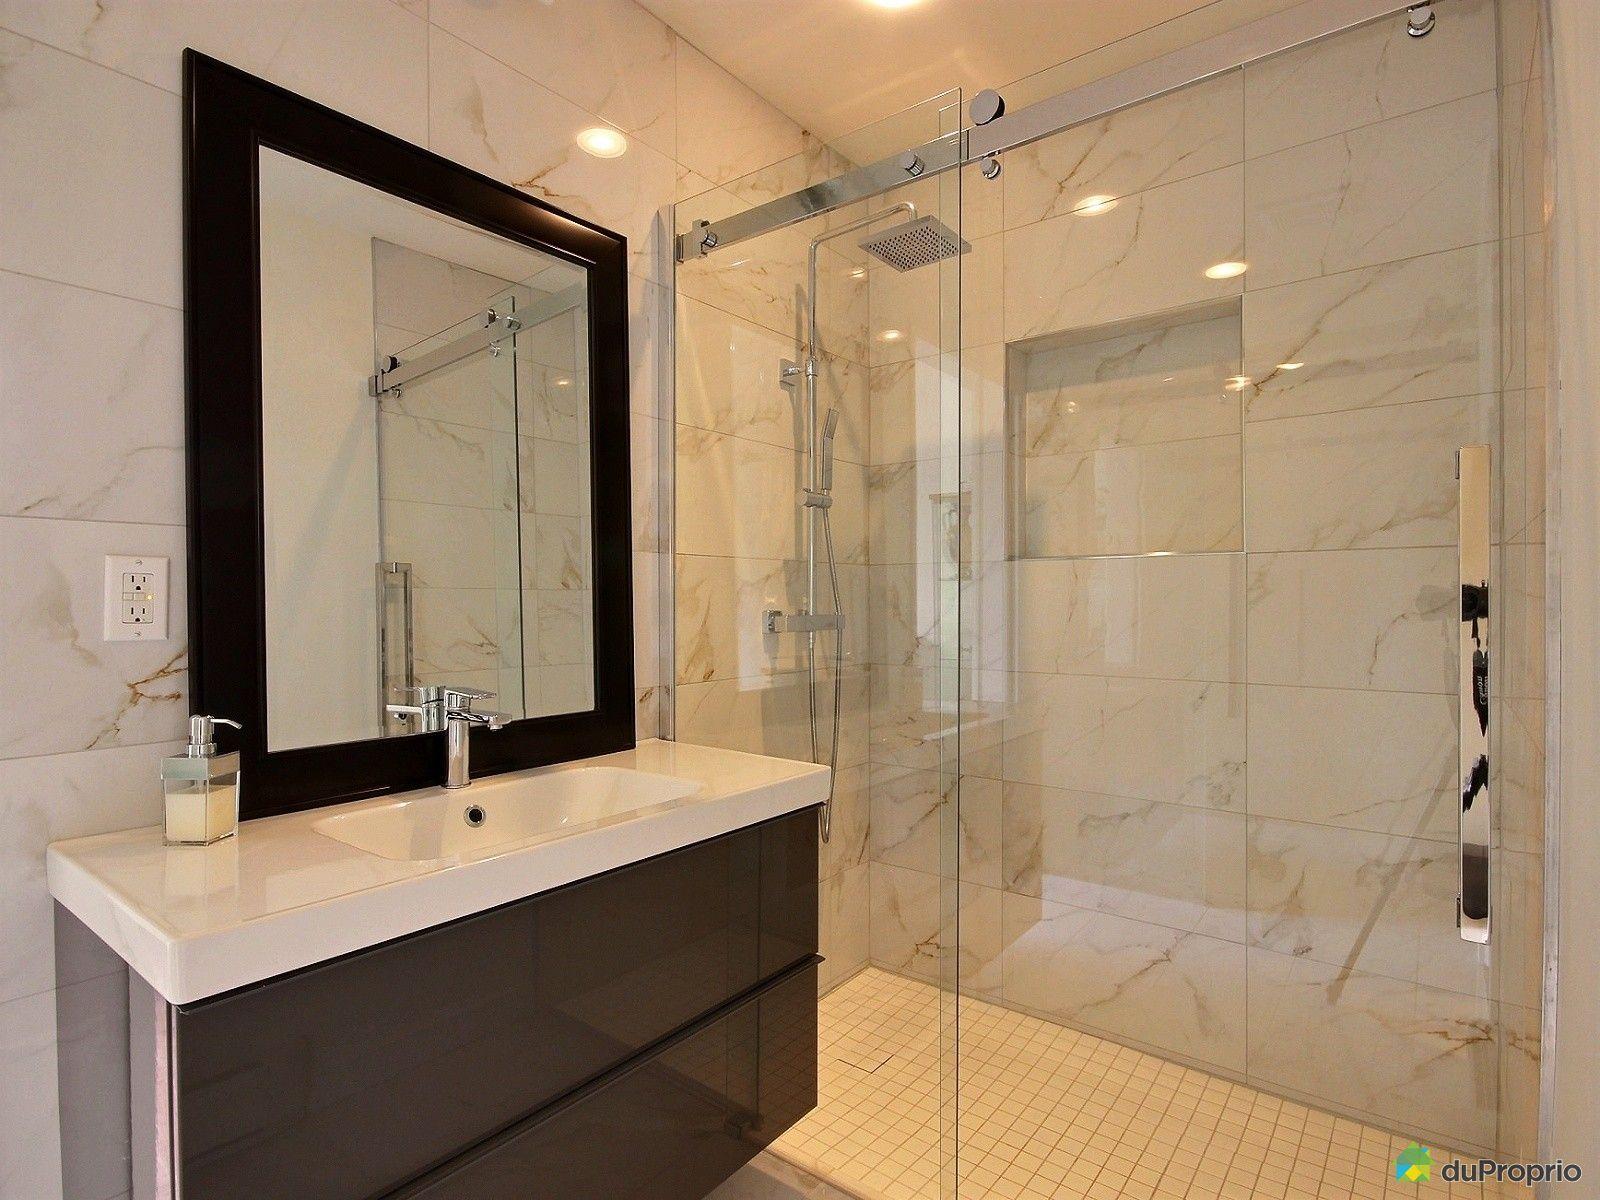 salle de bain ancienne a vendre avec des. Black Bedroom Furniture Sets. Home Design Ideas